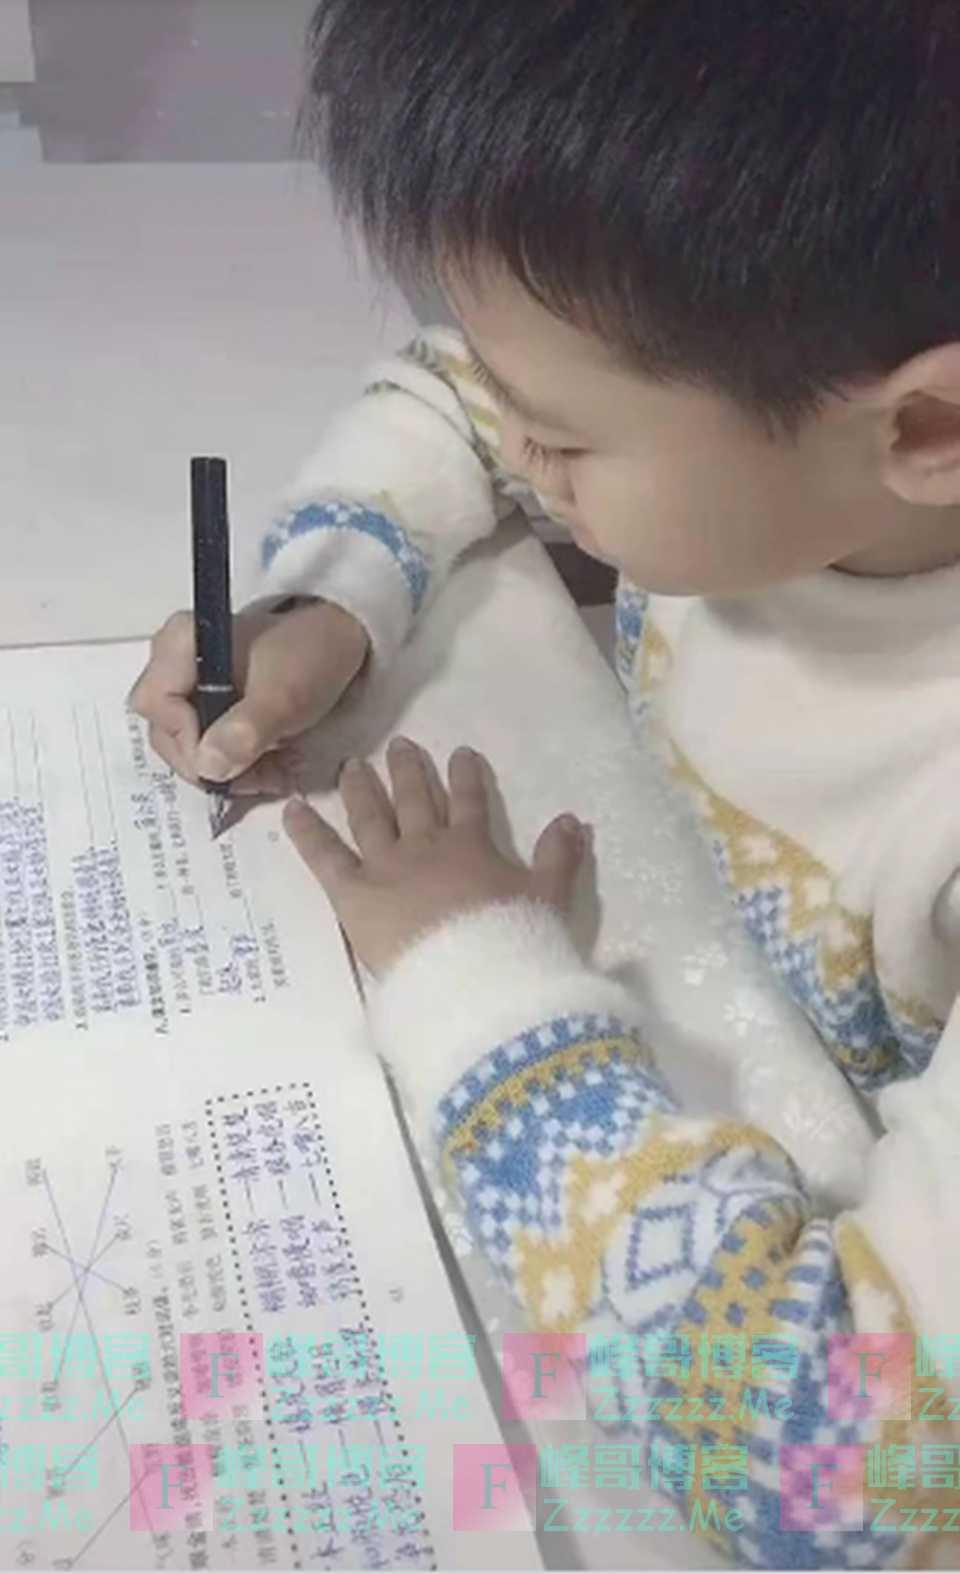 9岁男孩写字被误认为印刷体,老师不忍打叉,网友:王羲之再世